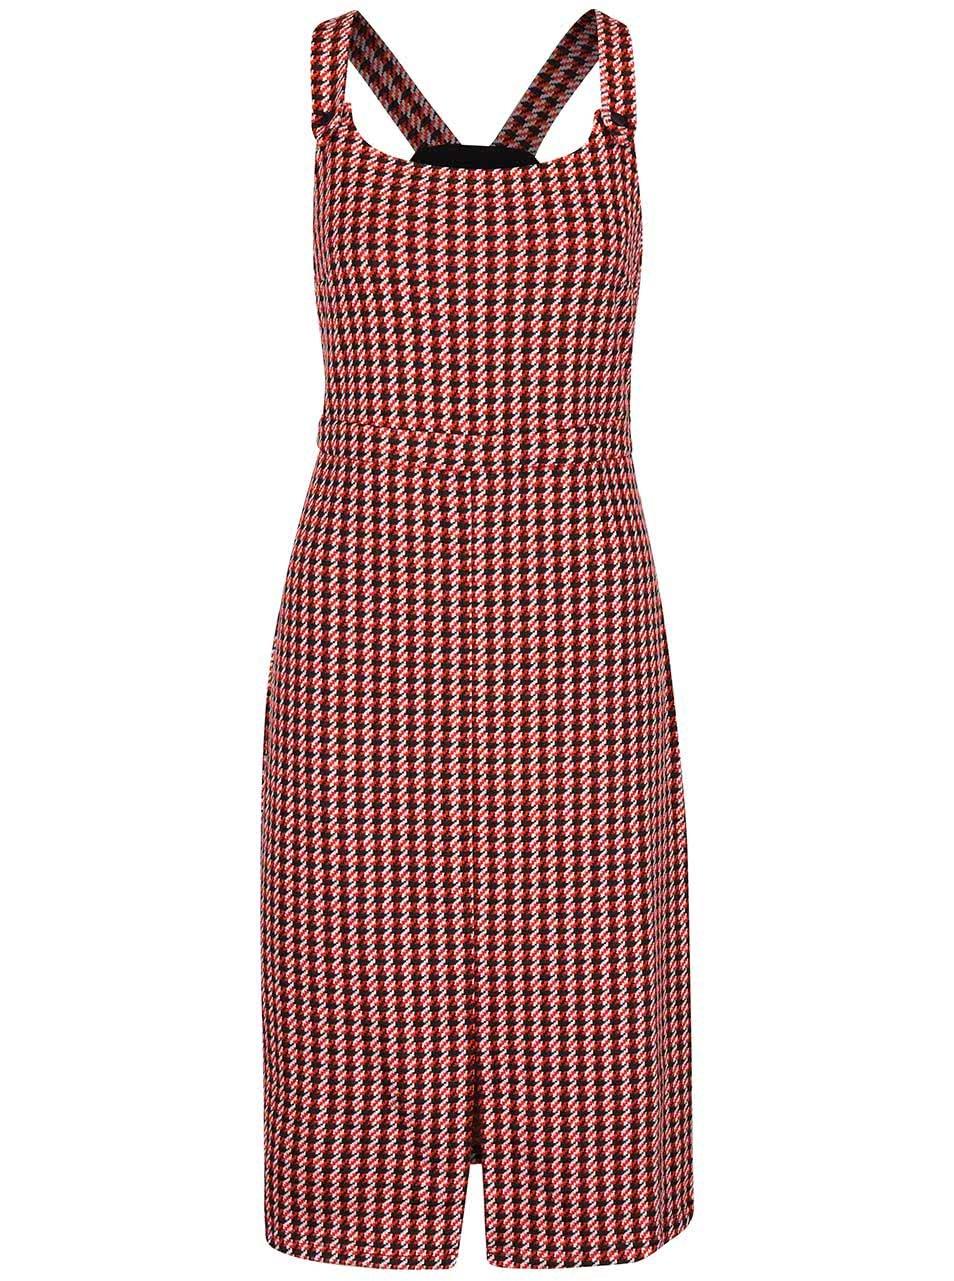 Černo-červené šaty se vzorem kohoutí stopy Dorothy Perkins